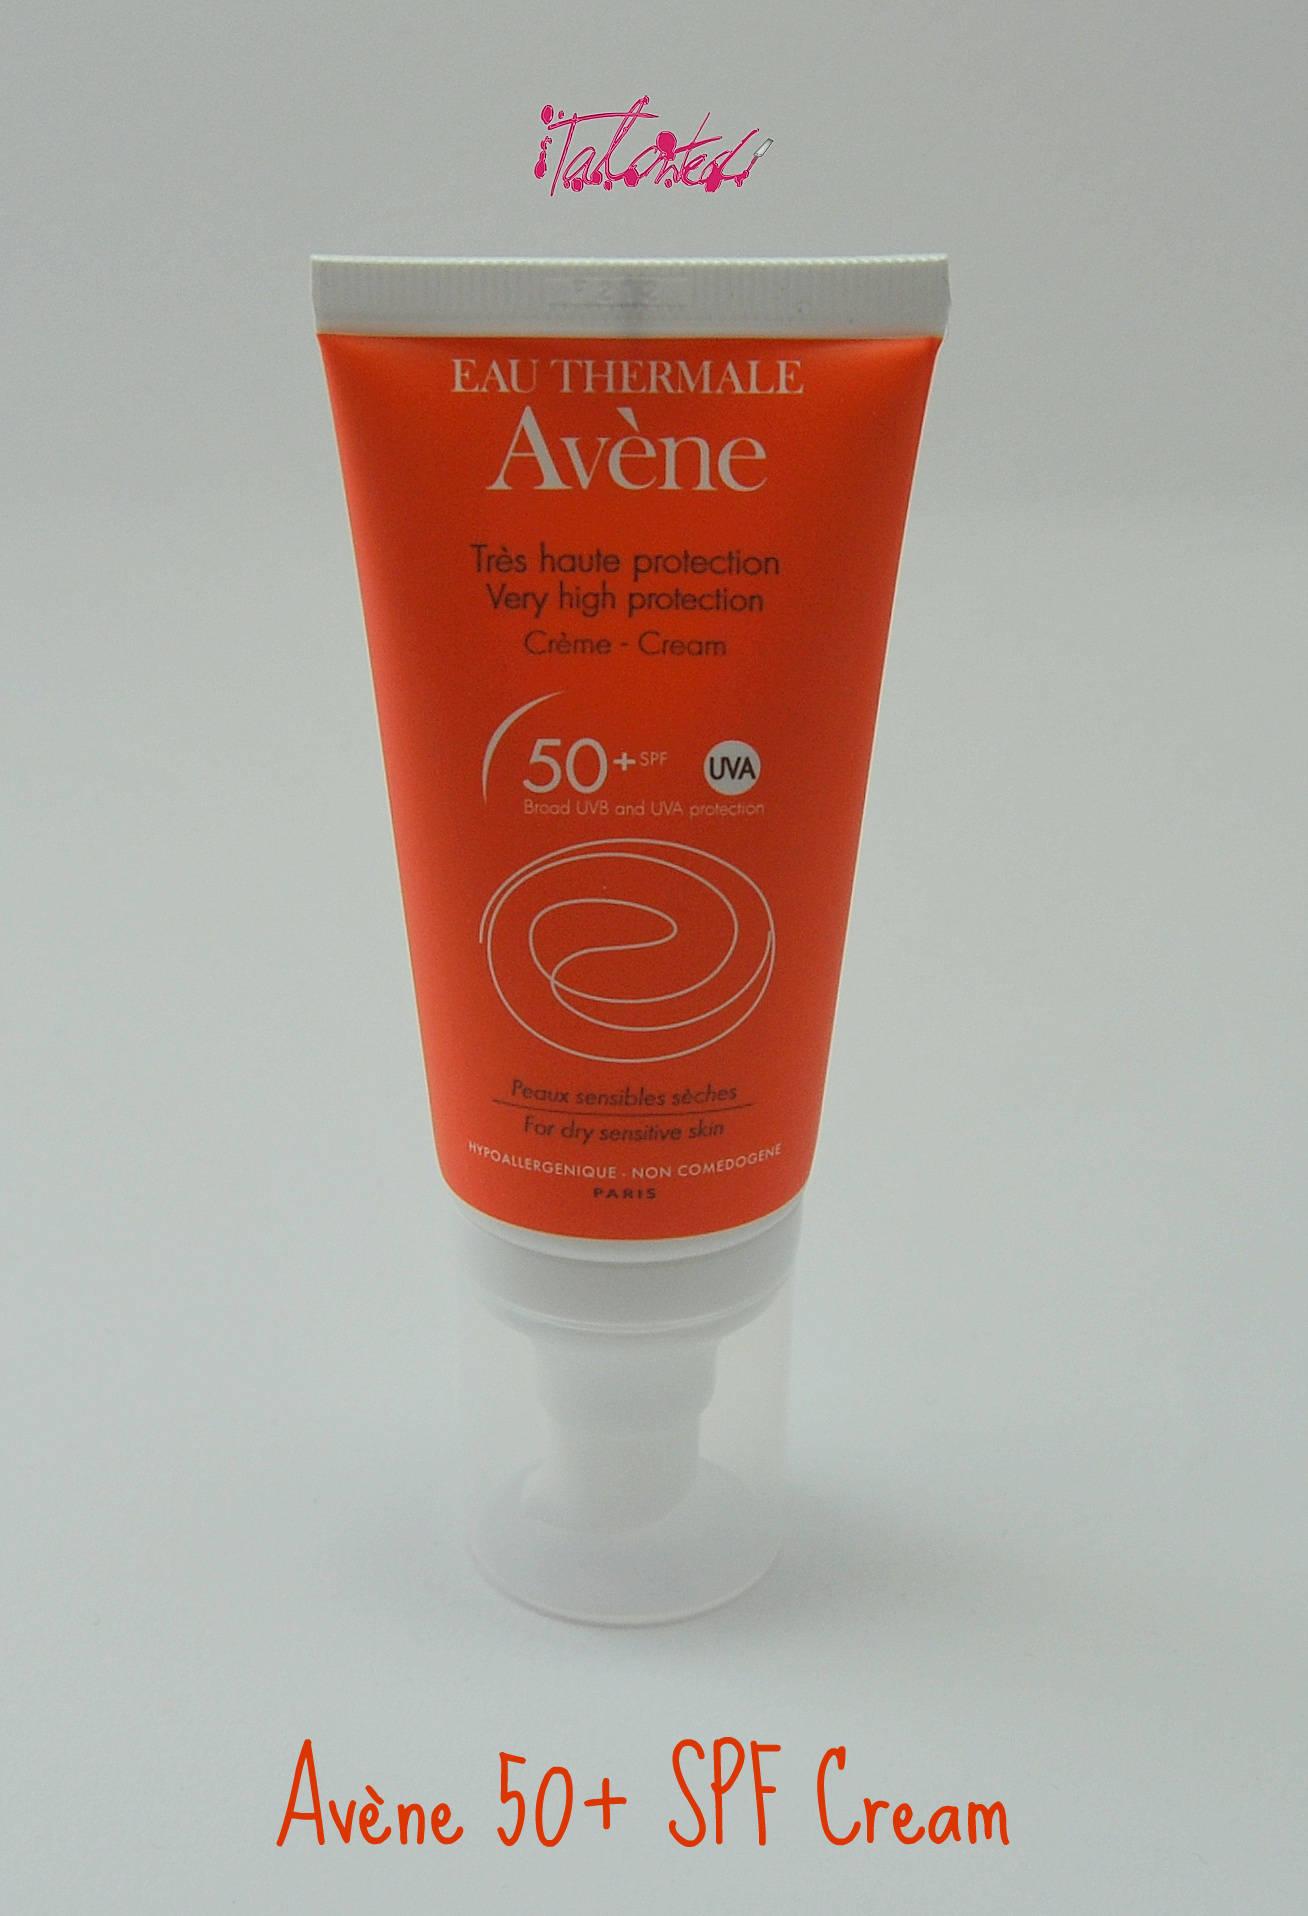 Avene 50+ SPF Cream